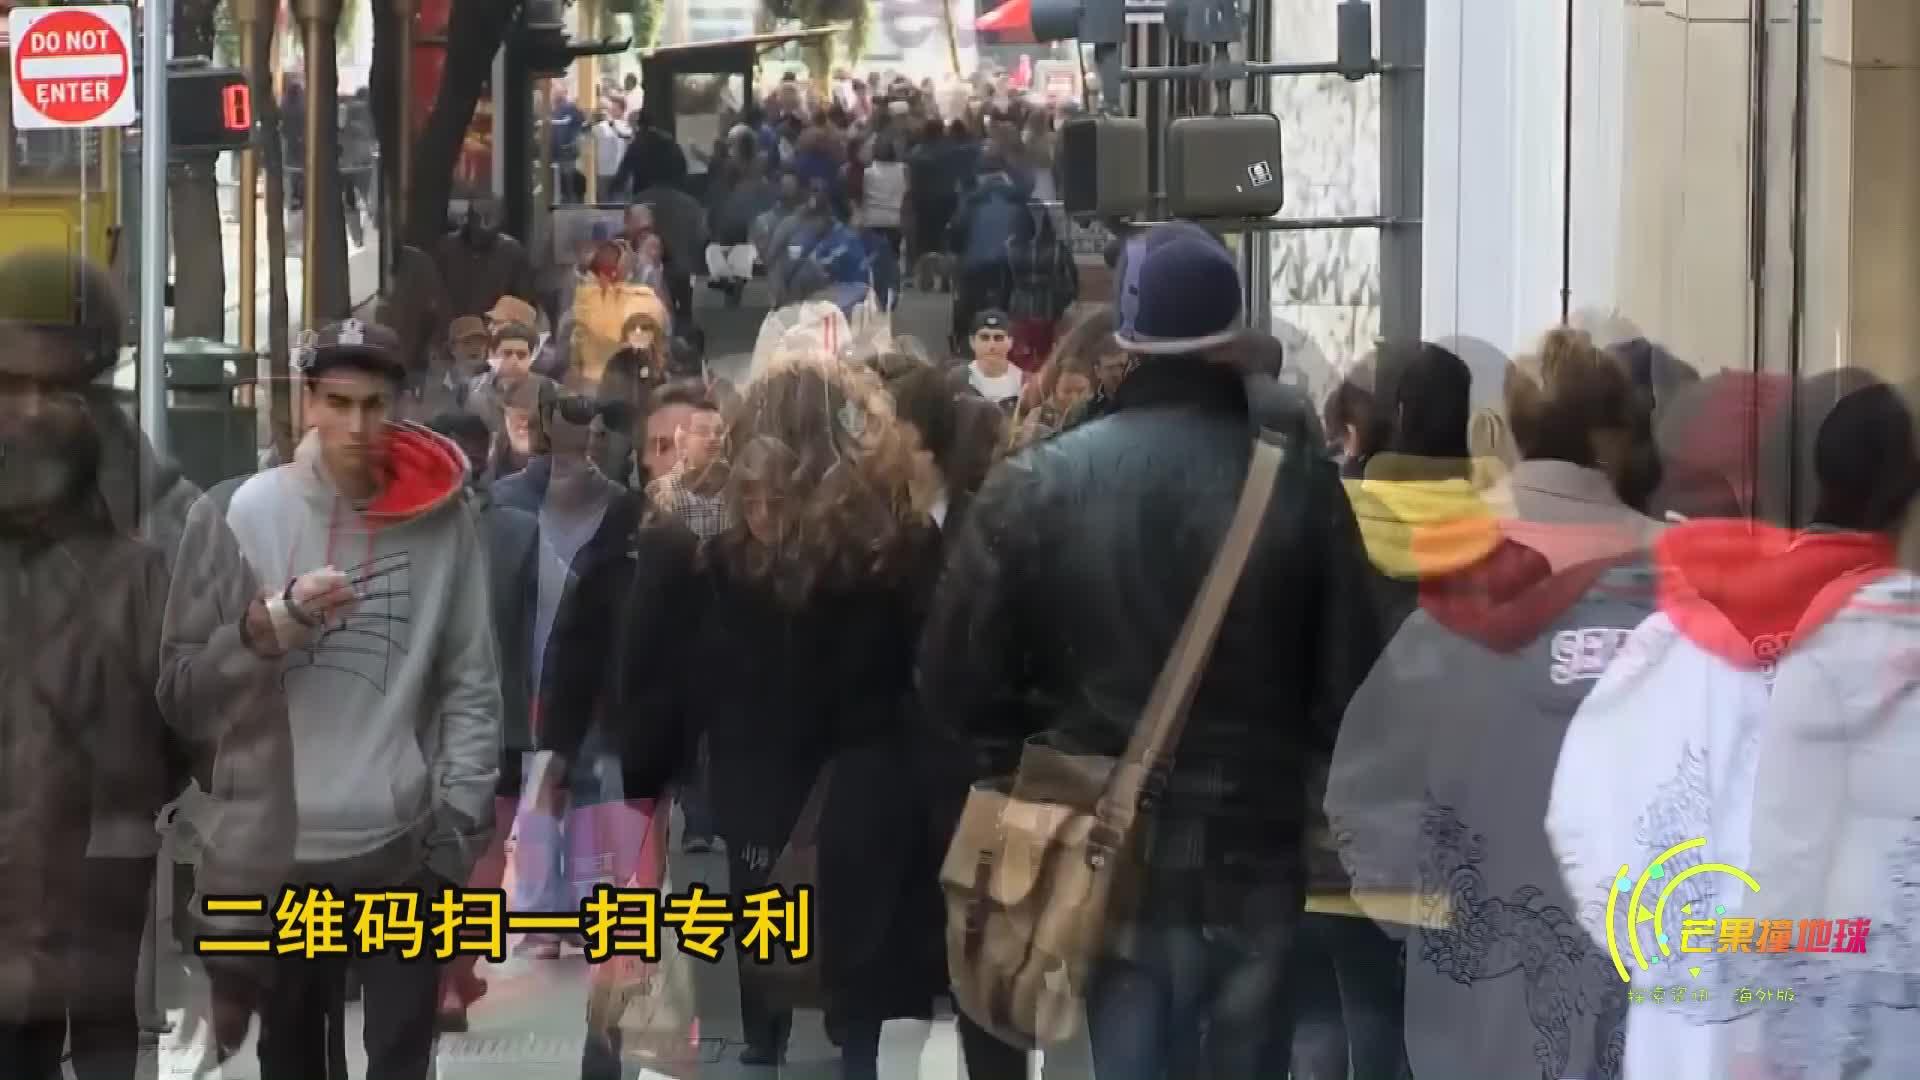 这东西随处可见,日本人领跑18年,但赚大钱的却是中国人